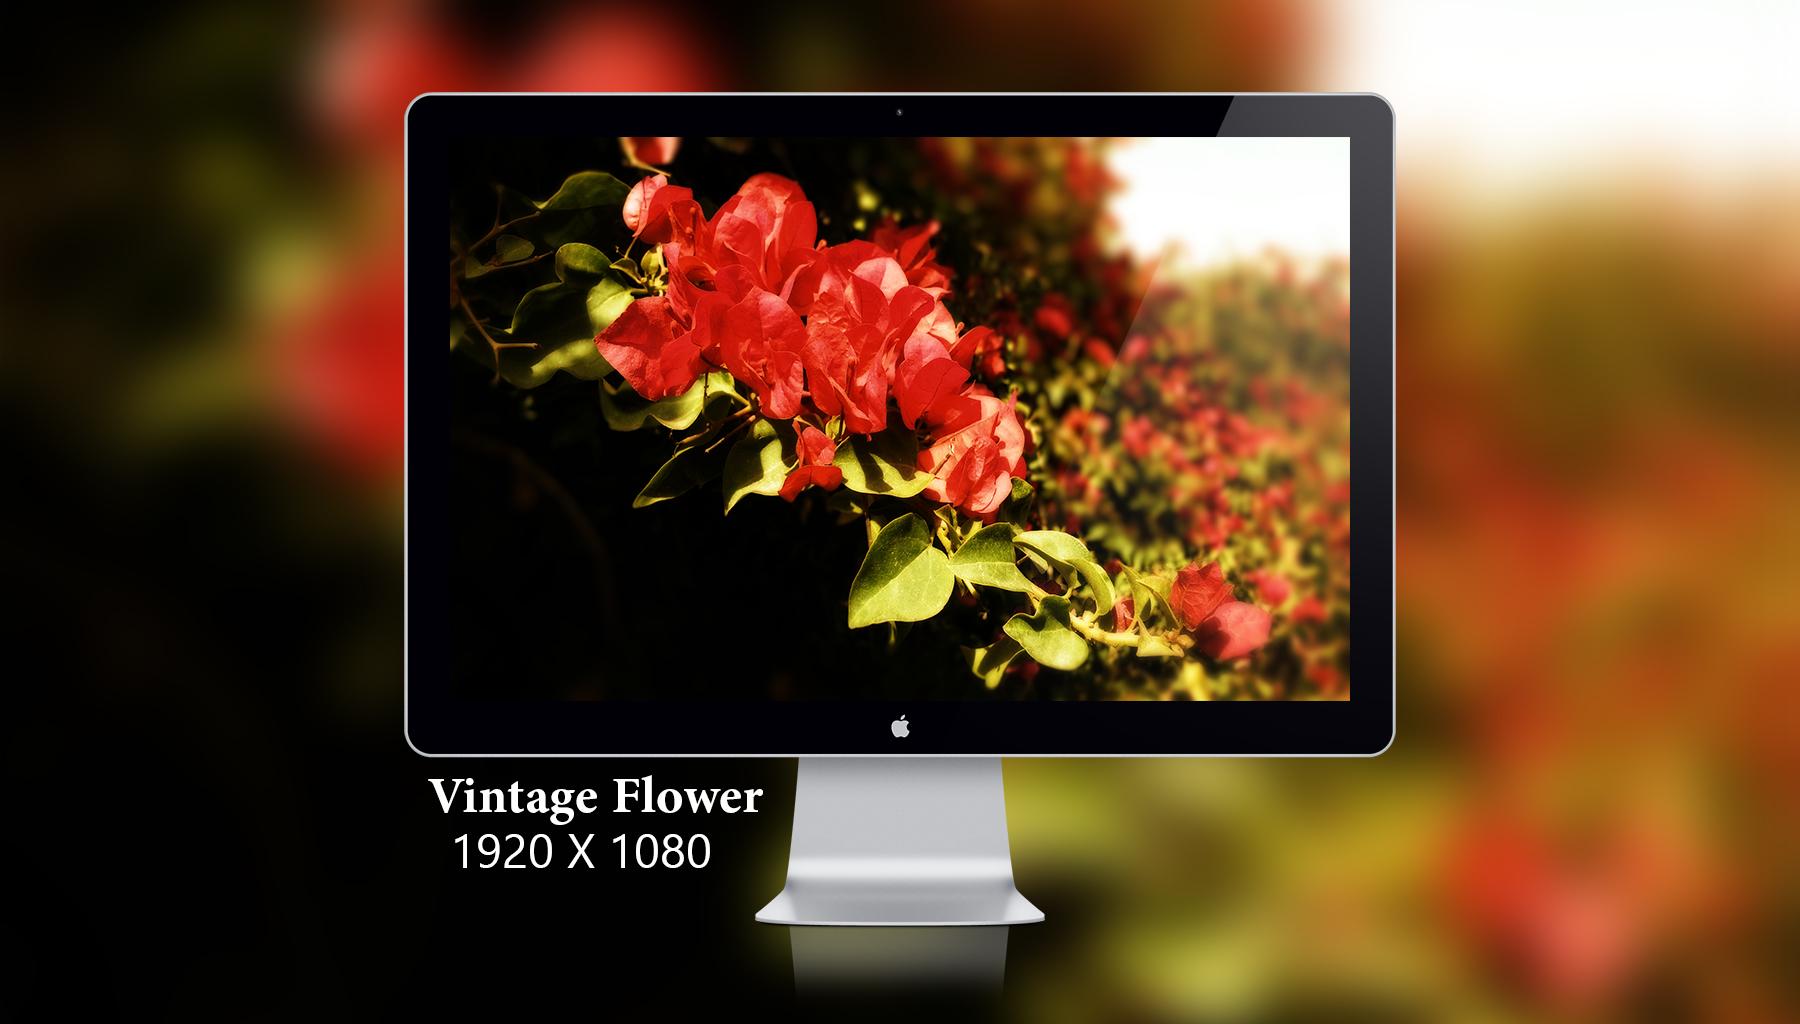 Vintage Flower by Del-Korey